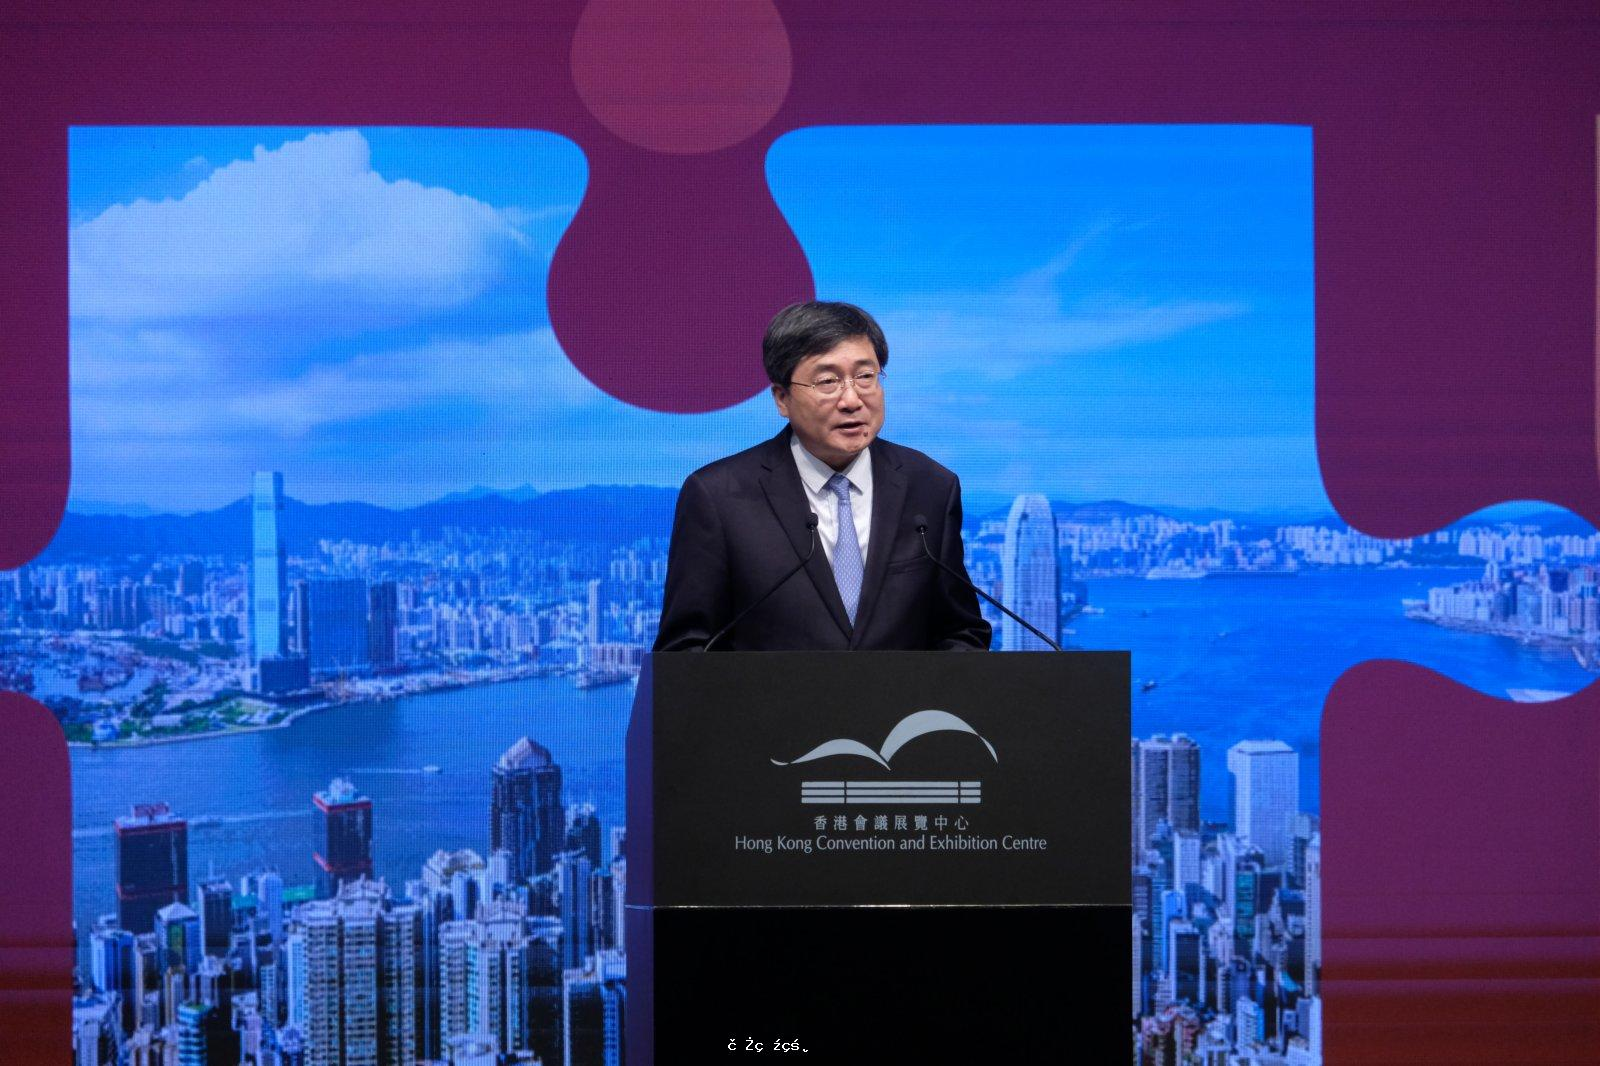 張旭:中外文化藝術交流中心是香港未來發展新定位